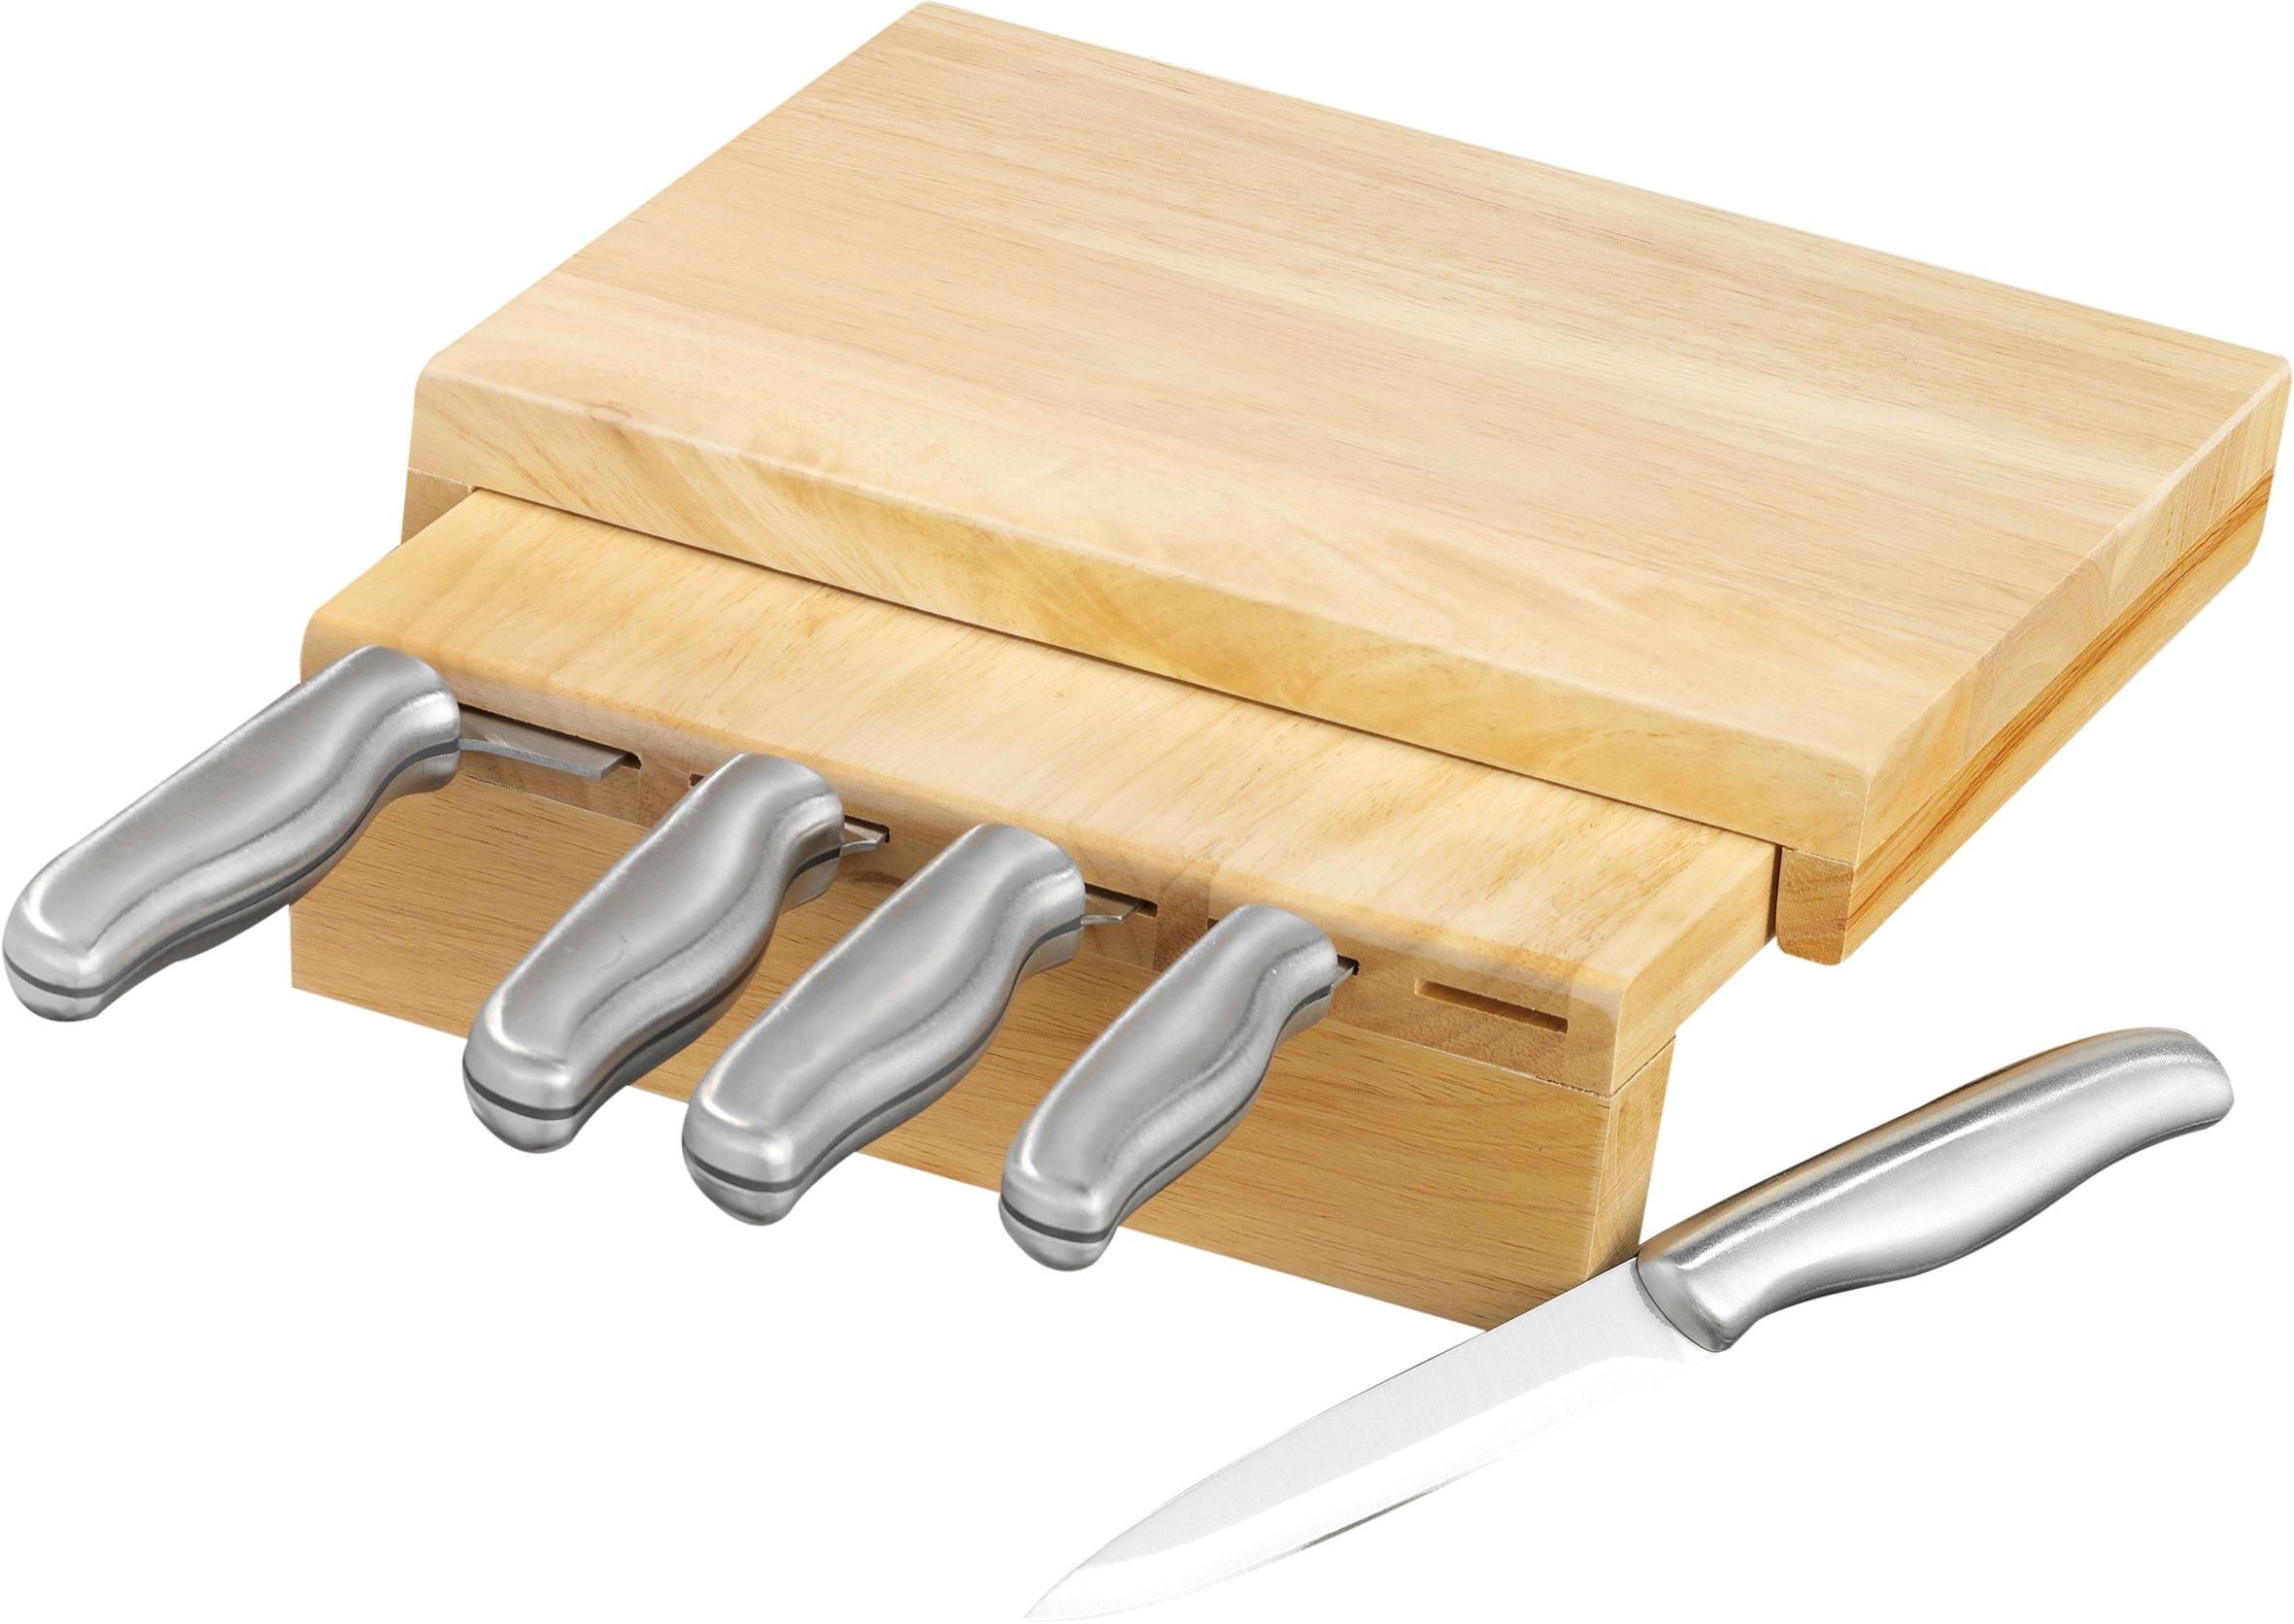 Esmeyer Messerblock Corona (6tlg) Wohnen/Haushalt/Haushaltswaren/Besteck & Messer/Küchenmesser-Sets/Messerblöcke